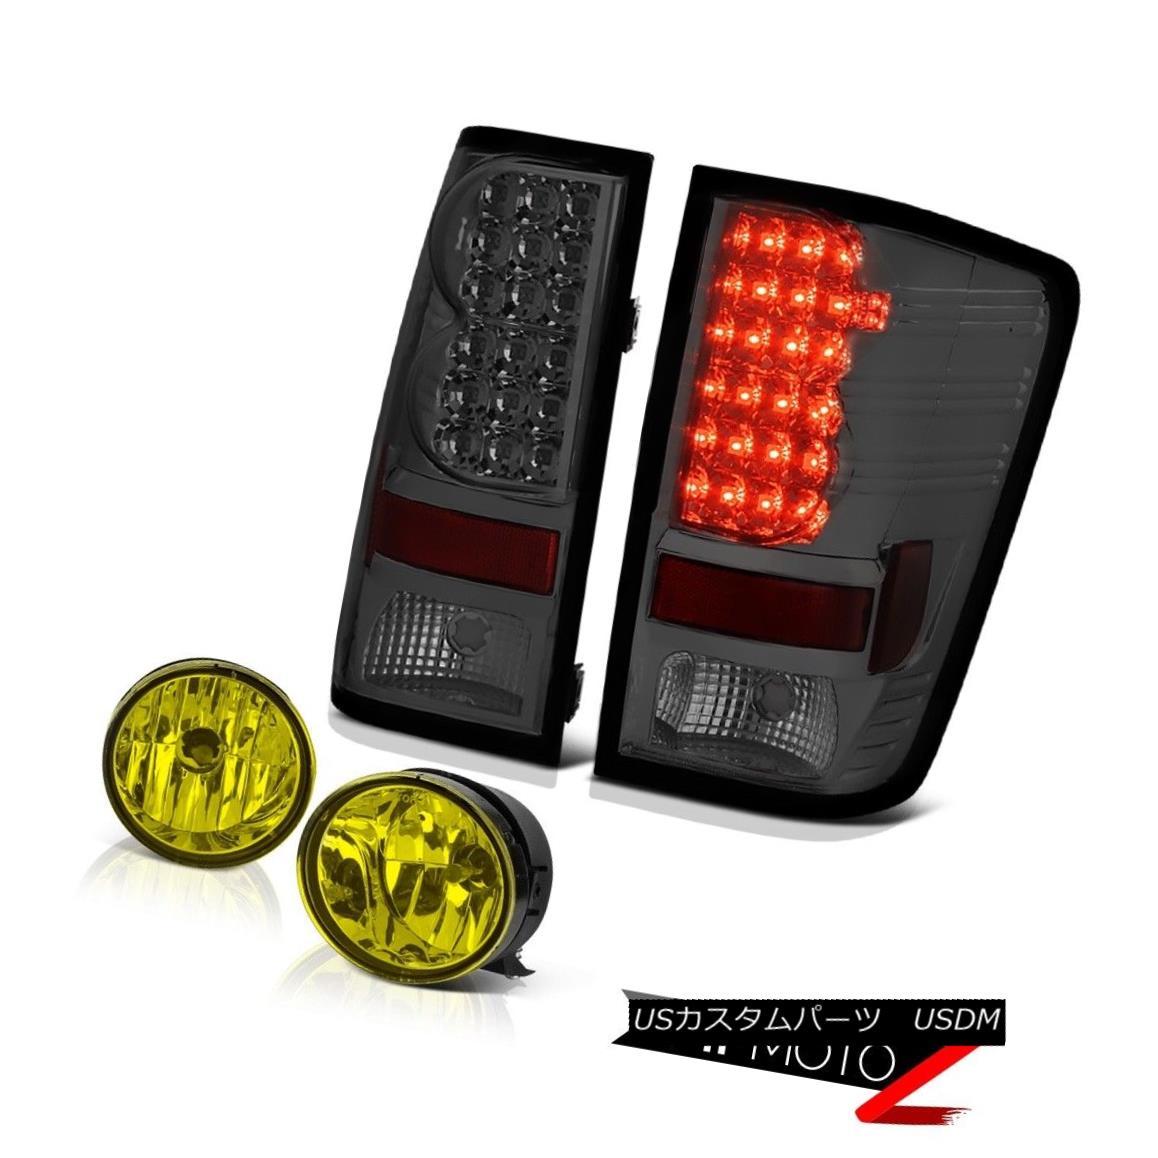 テールライト For 2004-2015 Titan Pro-4X Smoke Tail Lights Golden Yellow Bumper Foglamps 2004年?2015年Titan Pro-4Xスモークテールライトゴールデンイエローバンパーフォグランプ